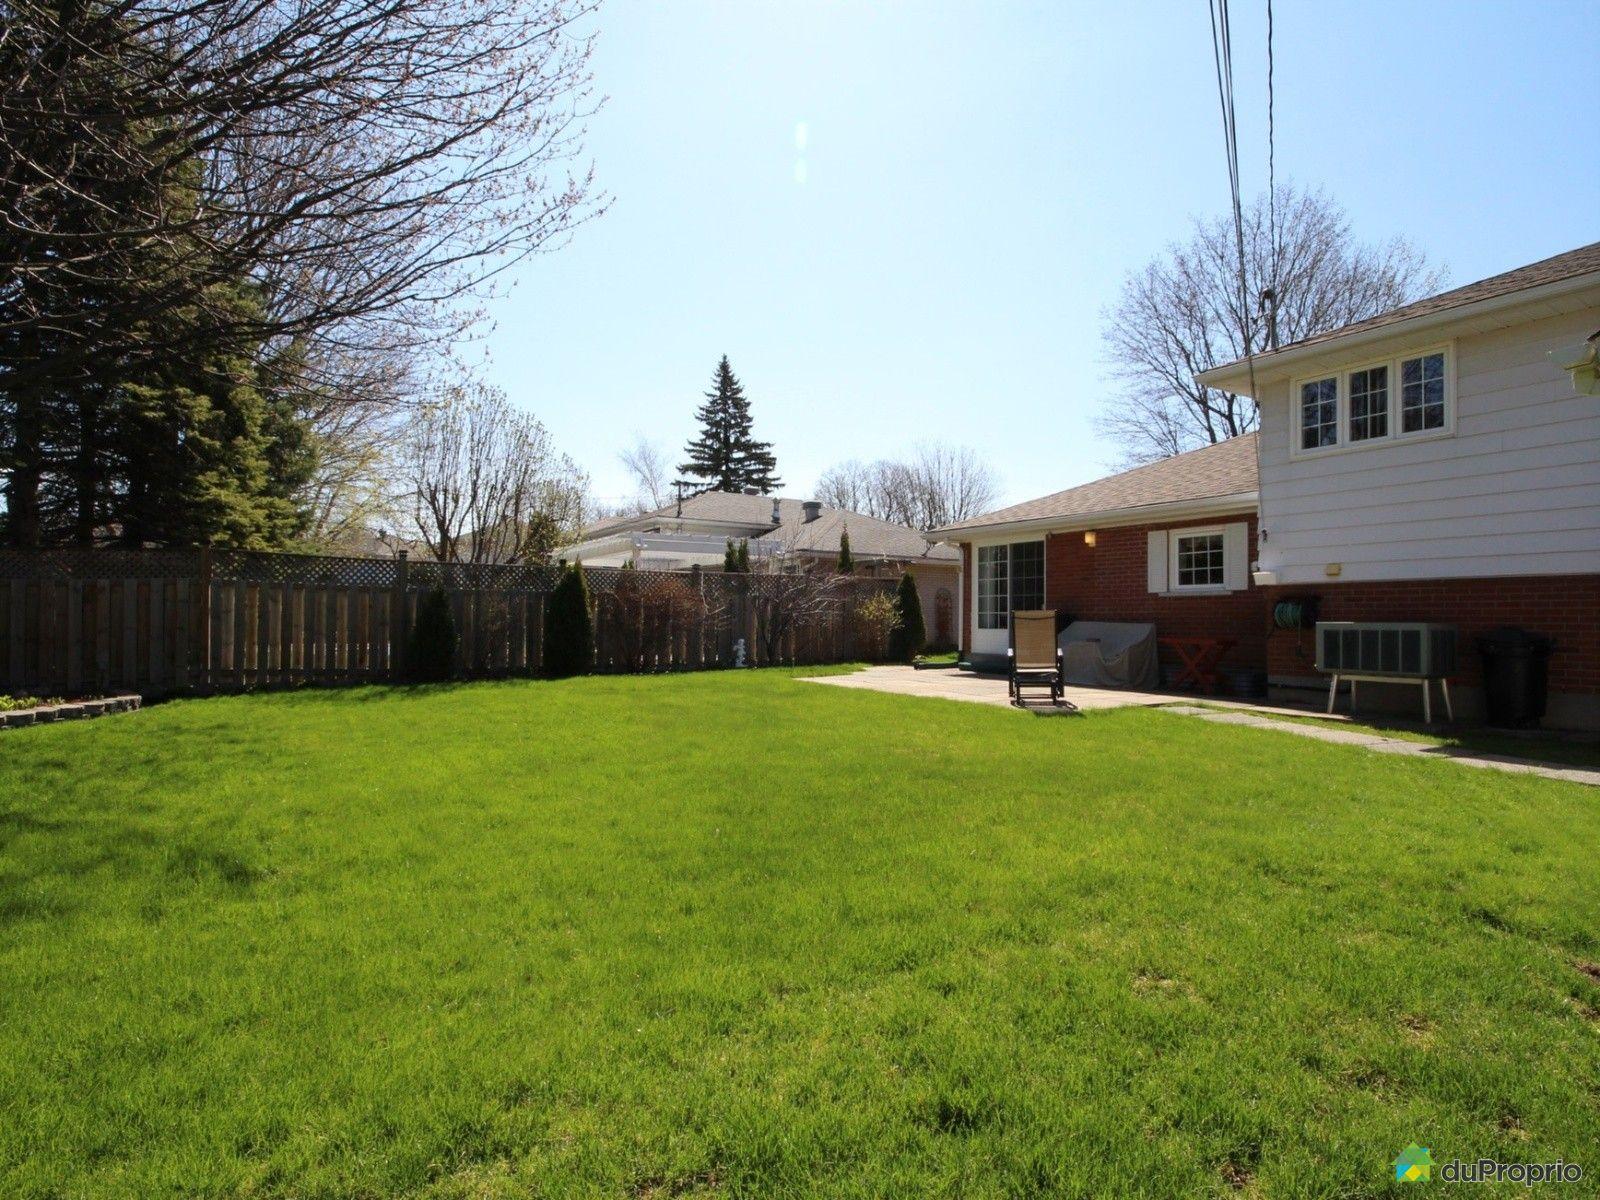 Maison vendre candiac 16 avenue de honfleur immobilier qu bec duproprio - Maison a vendre par le proprietaire ...